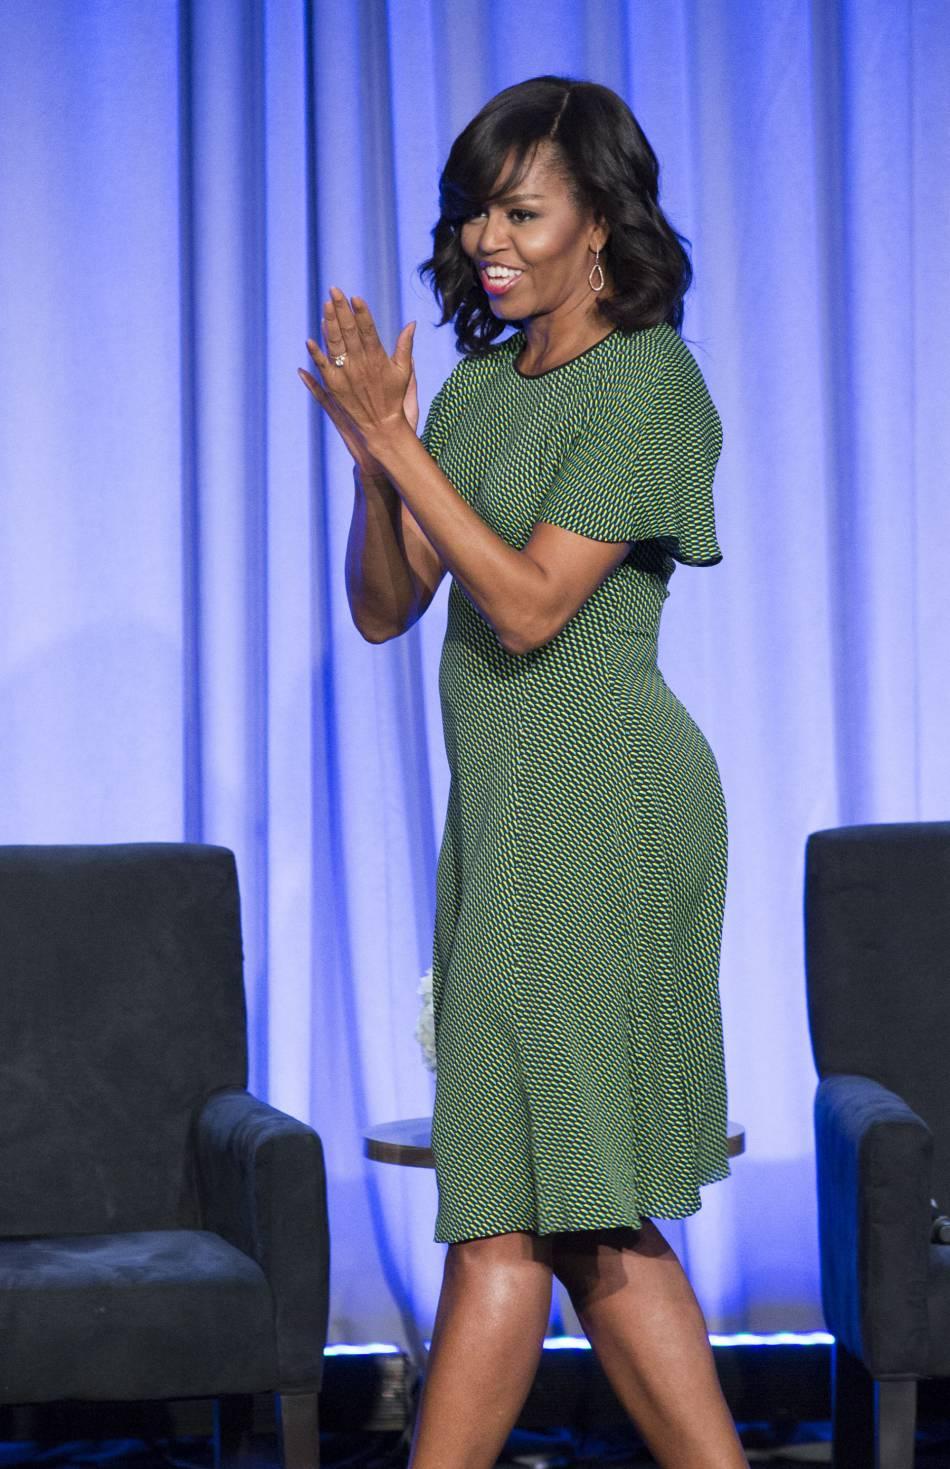 Michelle Obama affiche une silhouette de rêve. A 52 ans, elle en fait facilement dix de moins.